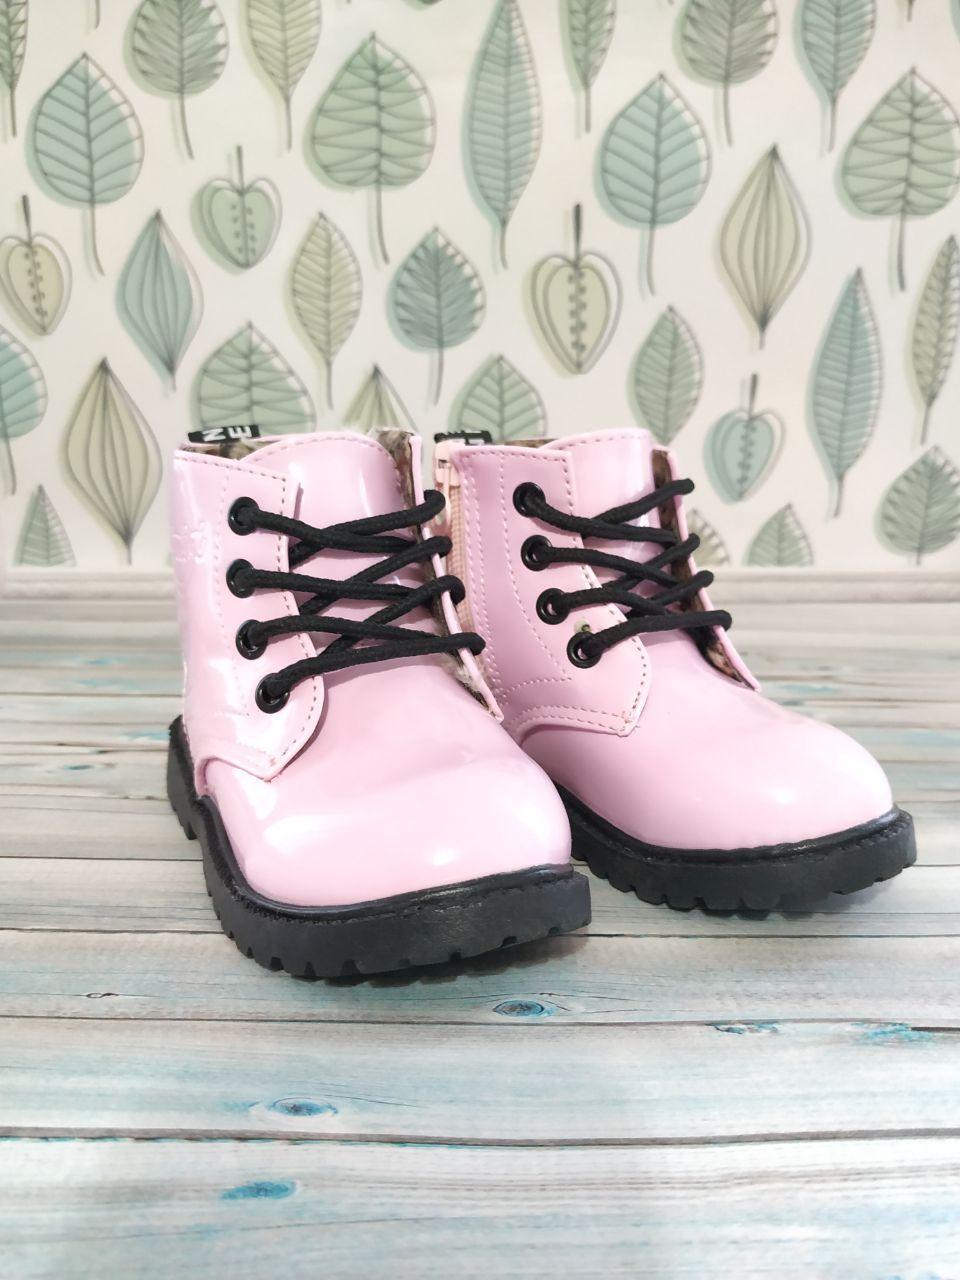 Демисезонные детские ботинки Детские деми ботинки для девочки Розовые детские деми ботинки